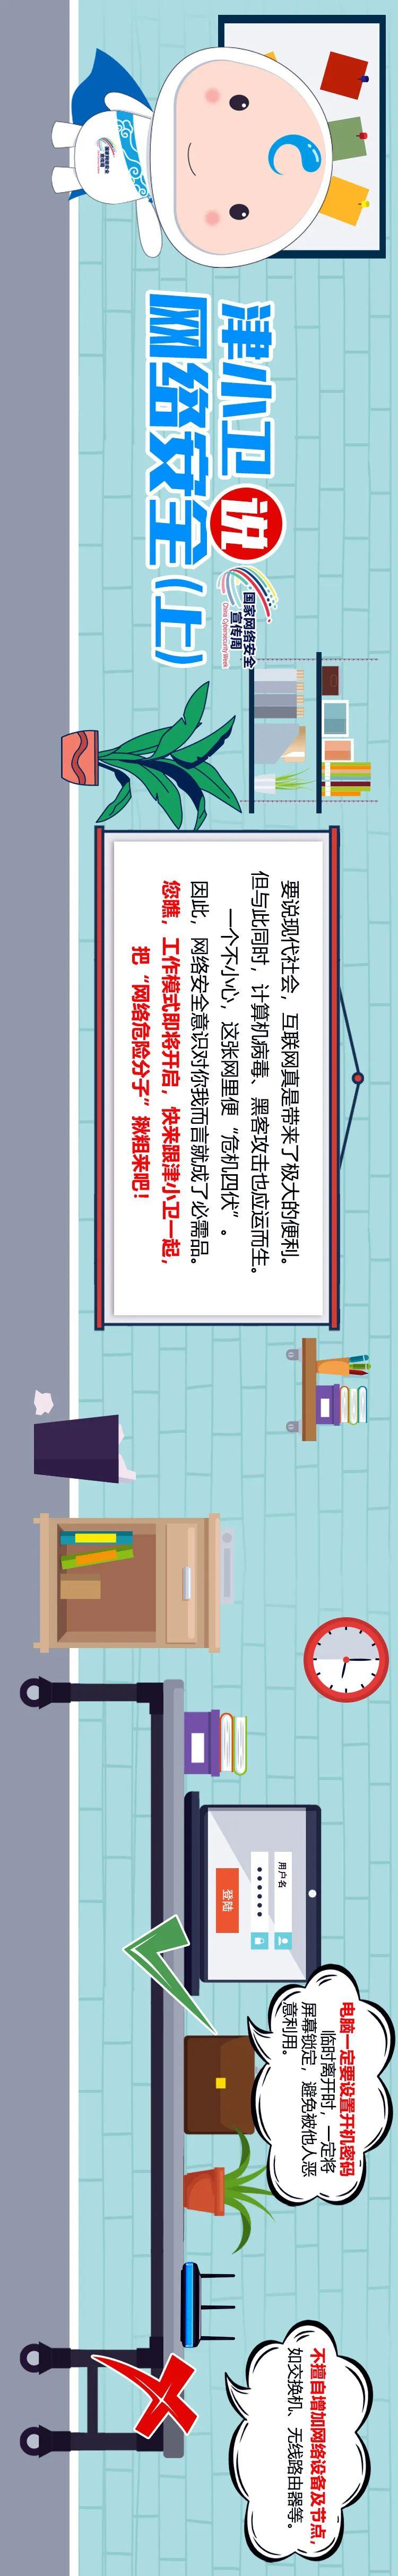 津小卫说网络安全图片